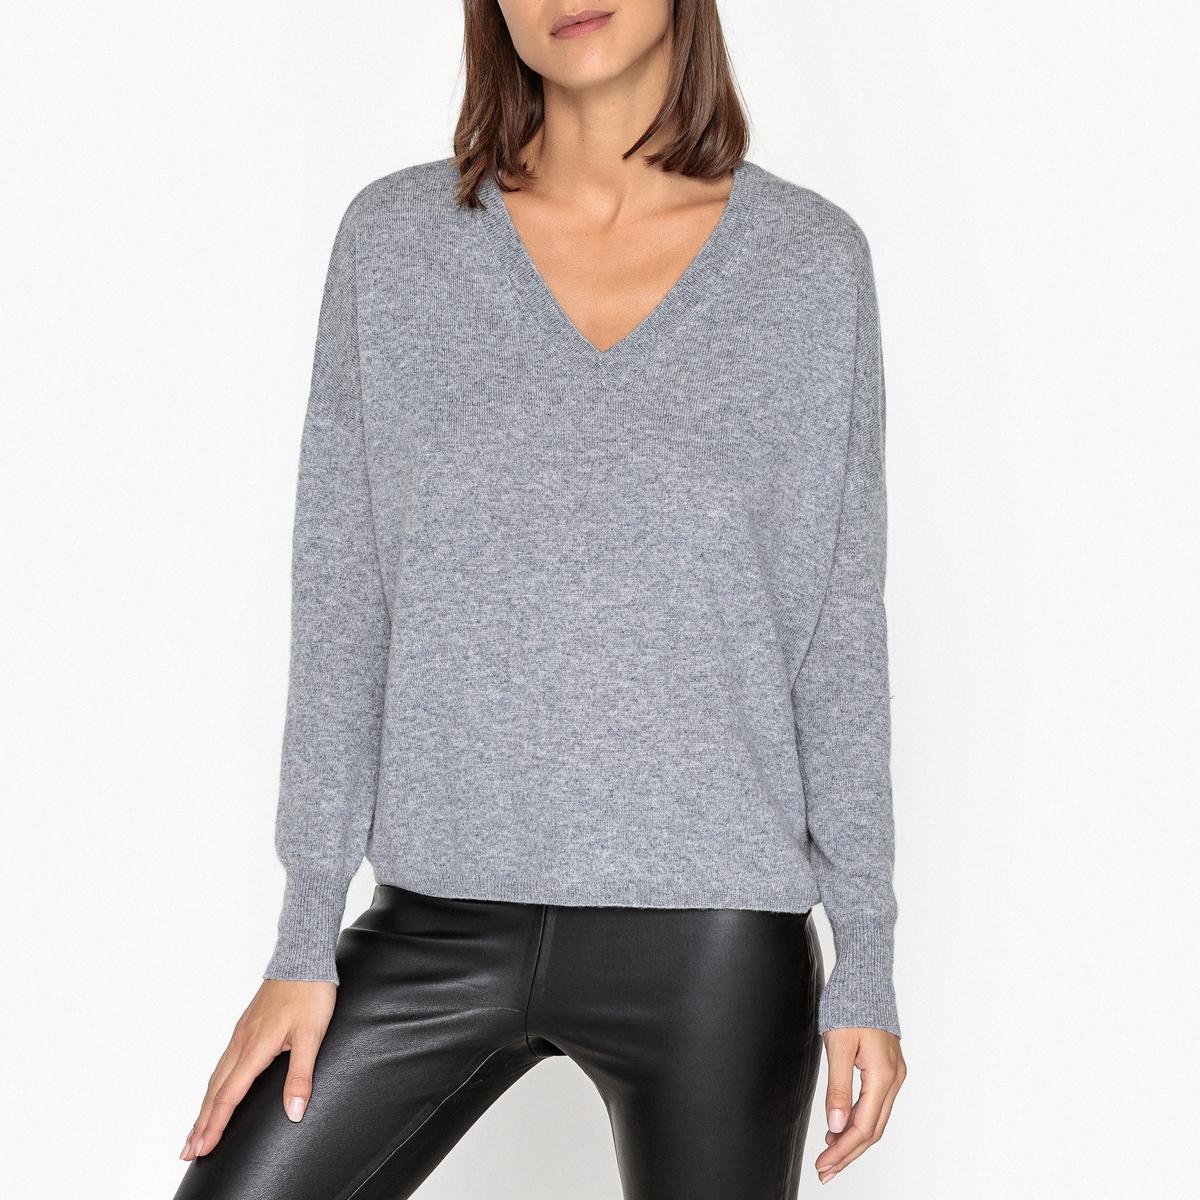 Пуловер кашемировый с V-образным вырезом женский пуловер brand new 2015